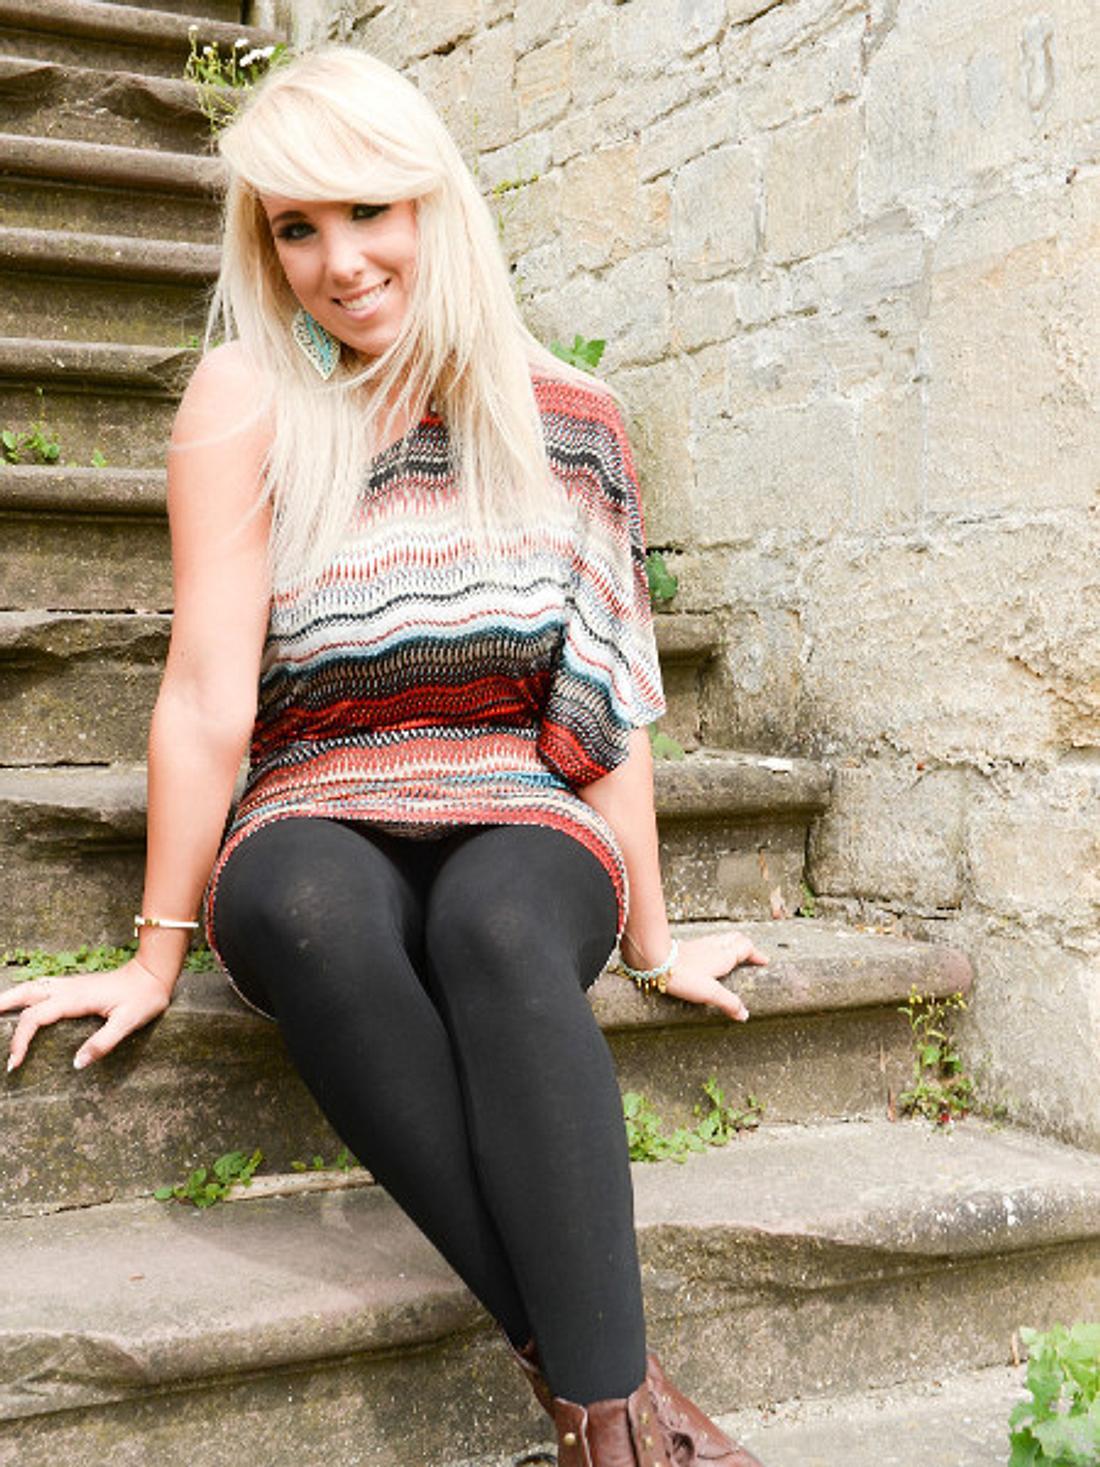 Annemarie Eilfeld glaubt, dass sie ganz besondere Füße hat